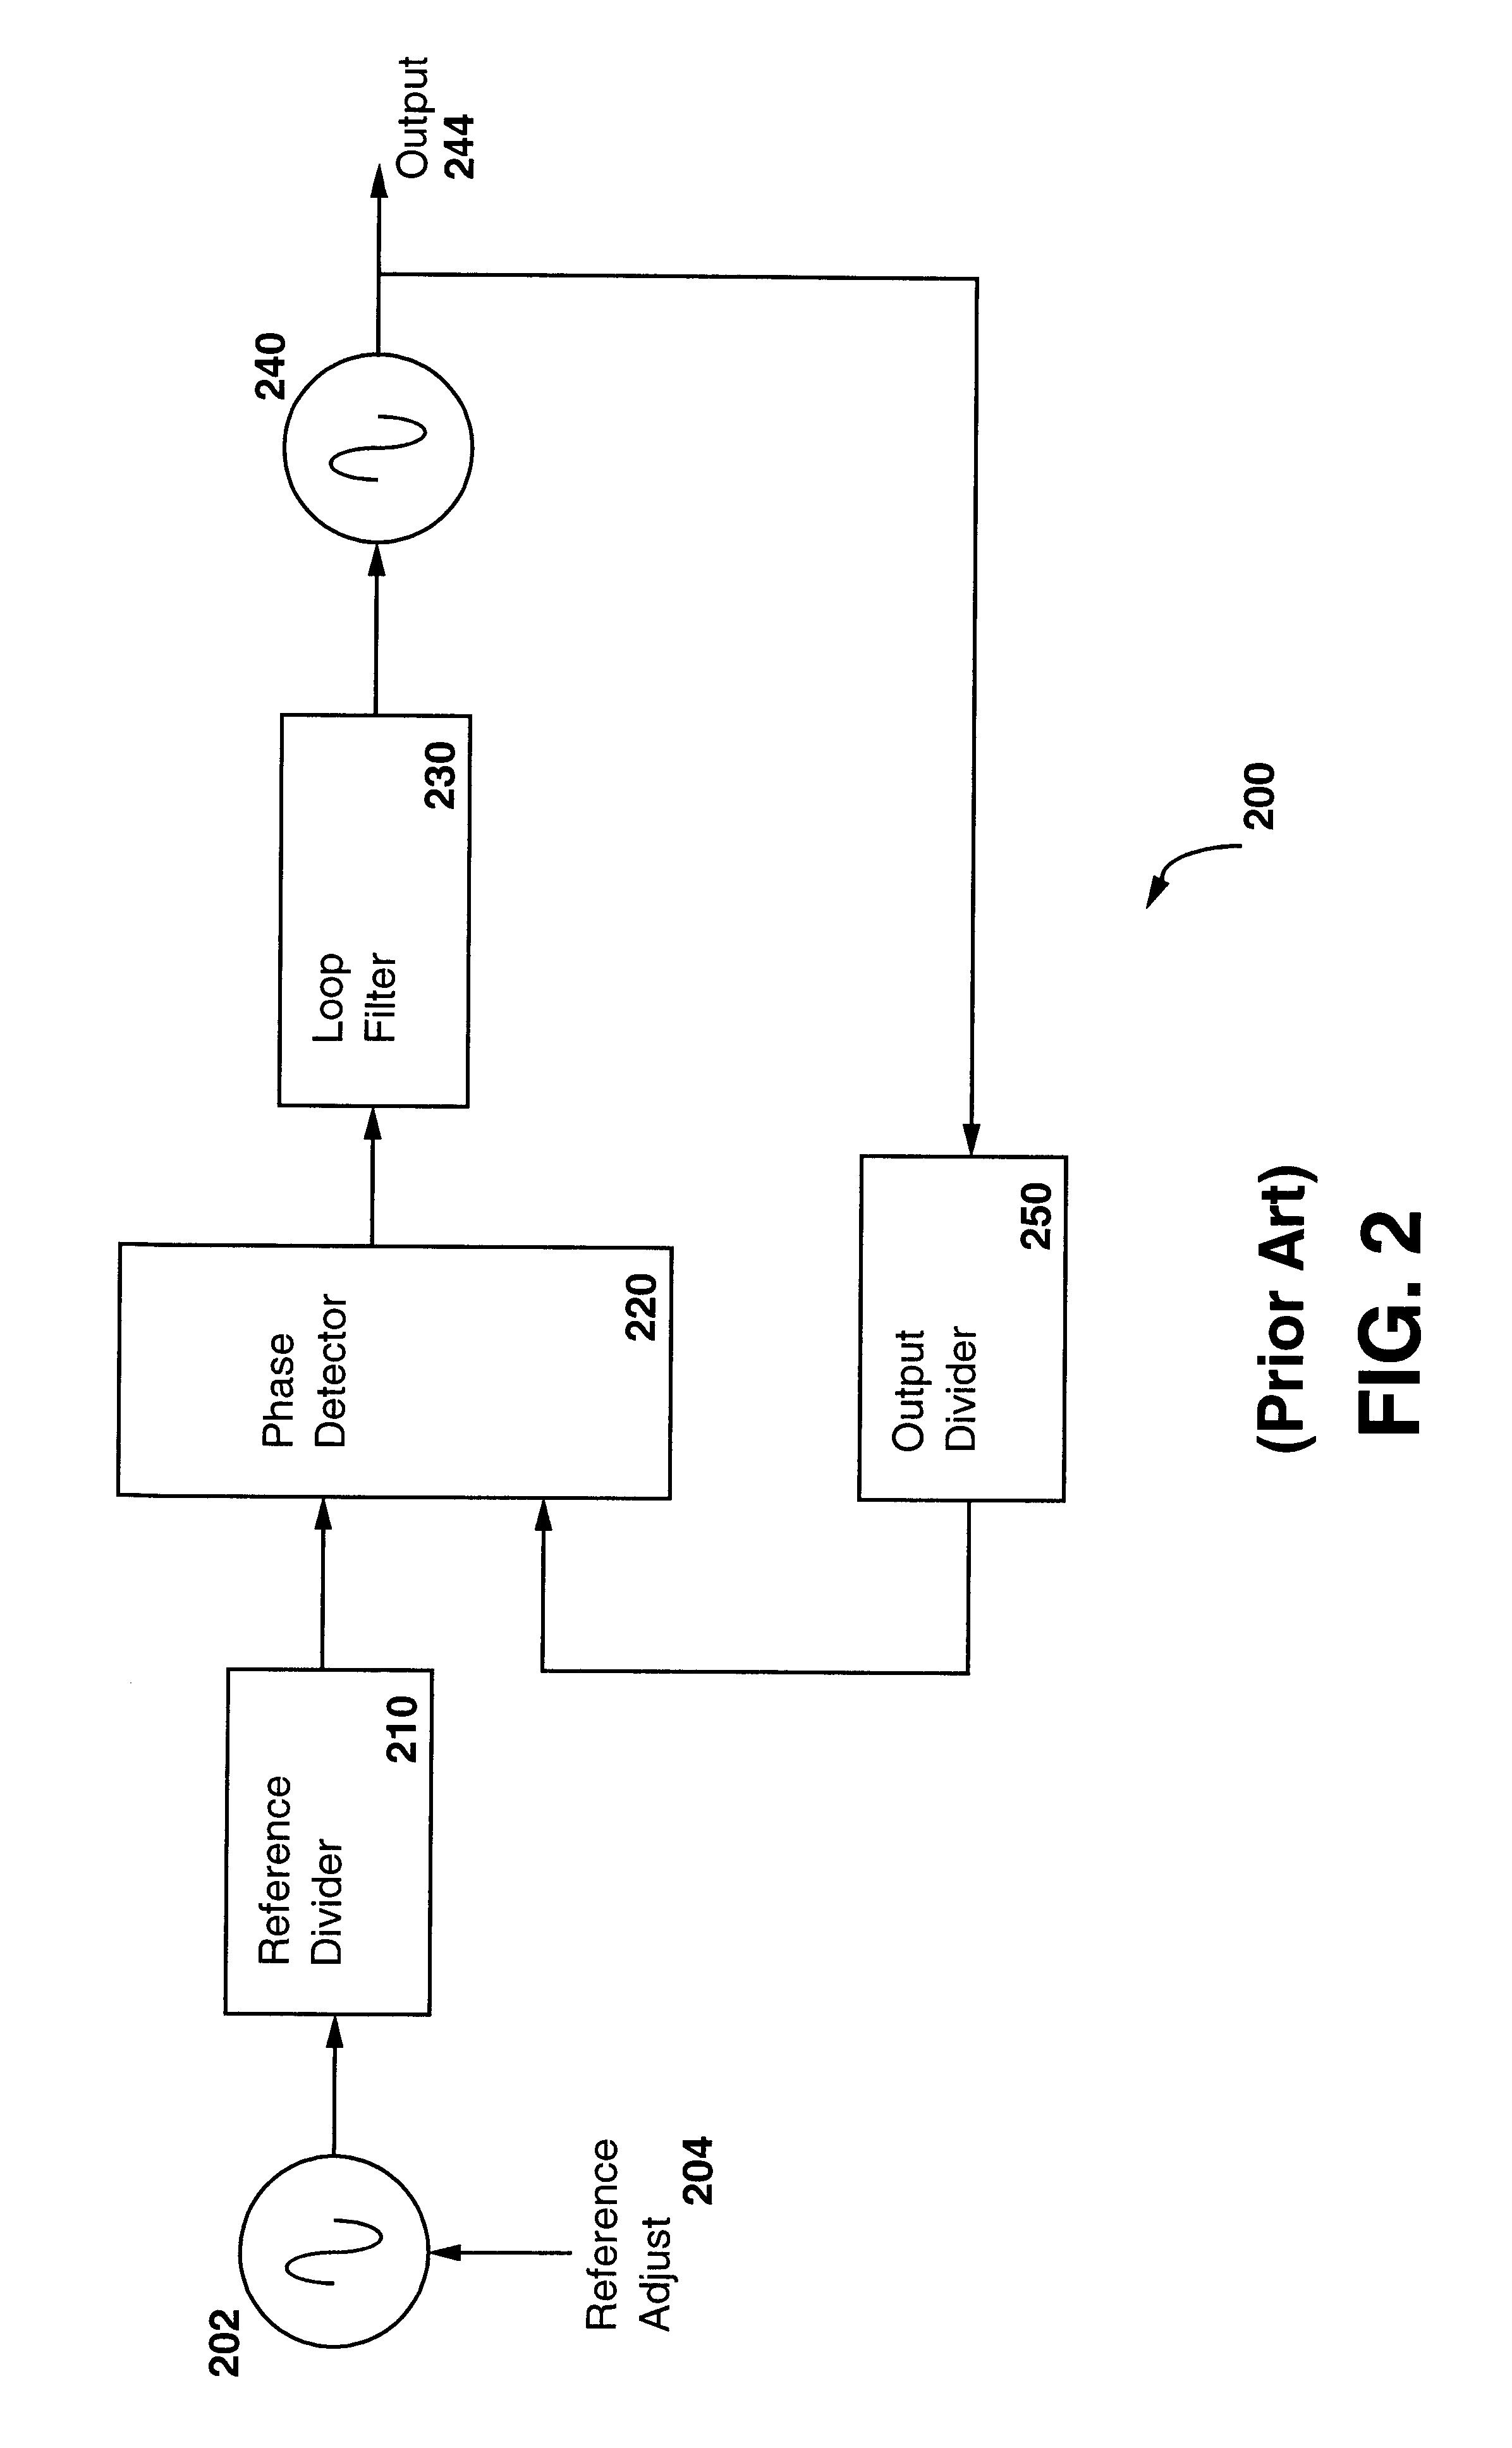 patent us6522871